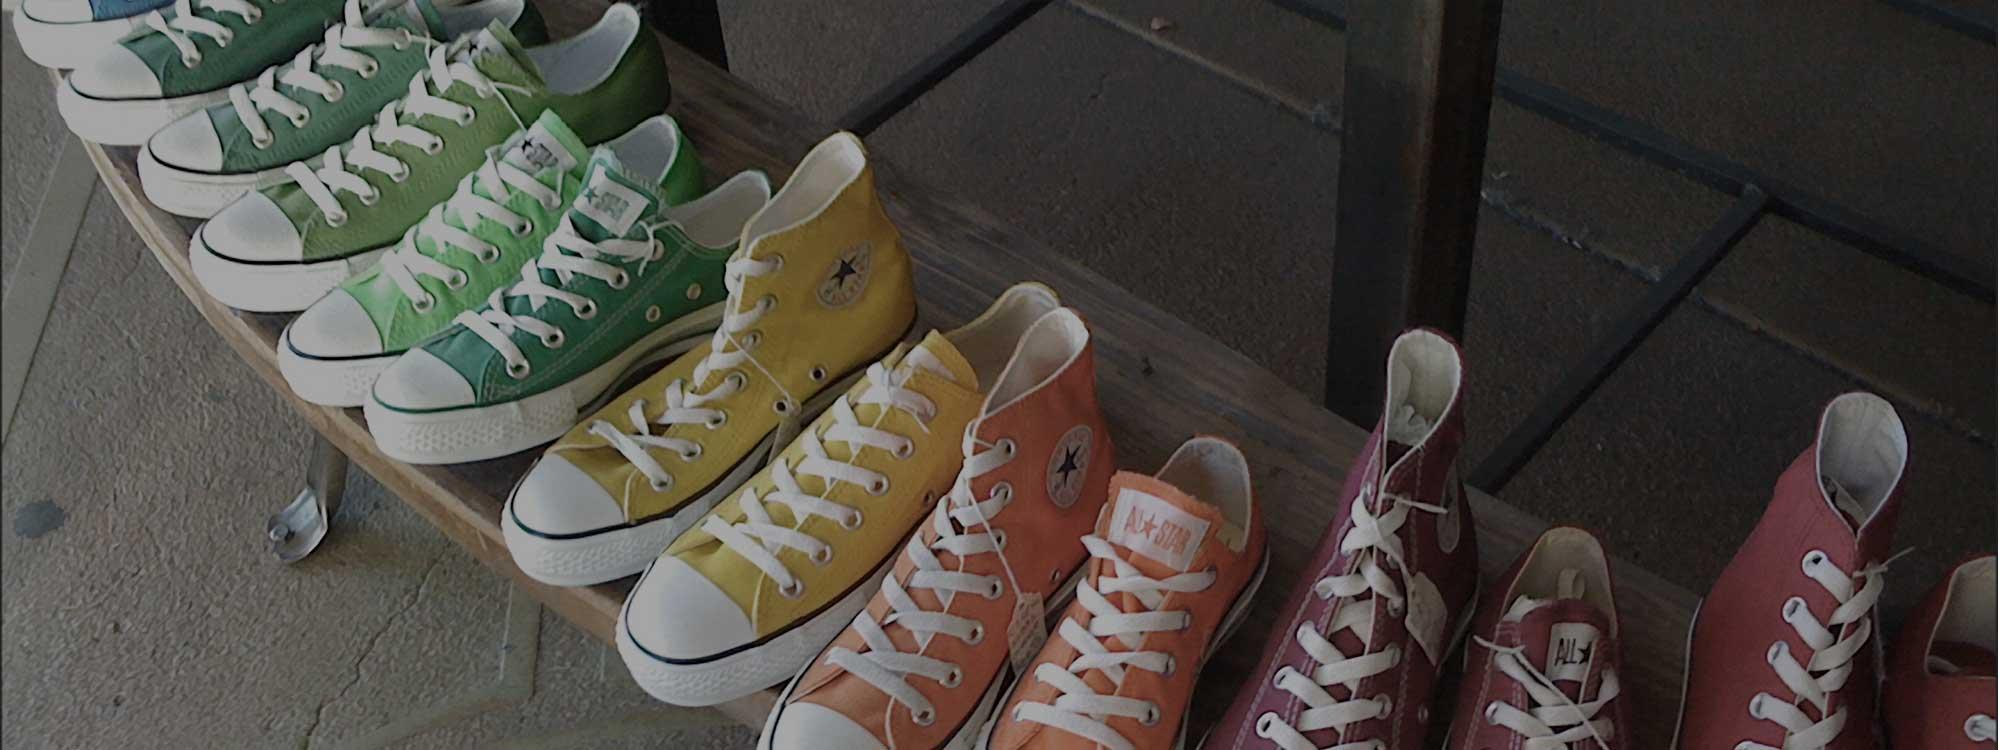 ttsi-slide6-sneakers